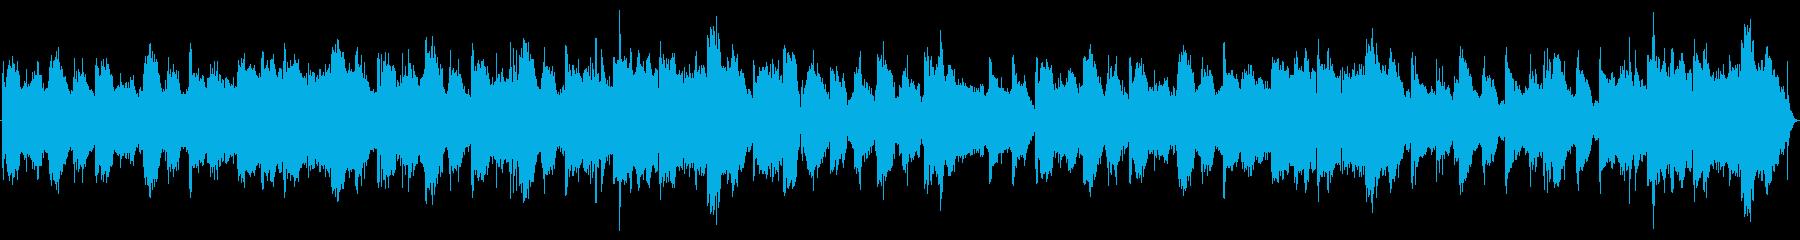 昔懐かしい雰囲気の笛を使った回想シーンの再生済みの波形